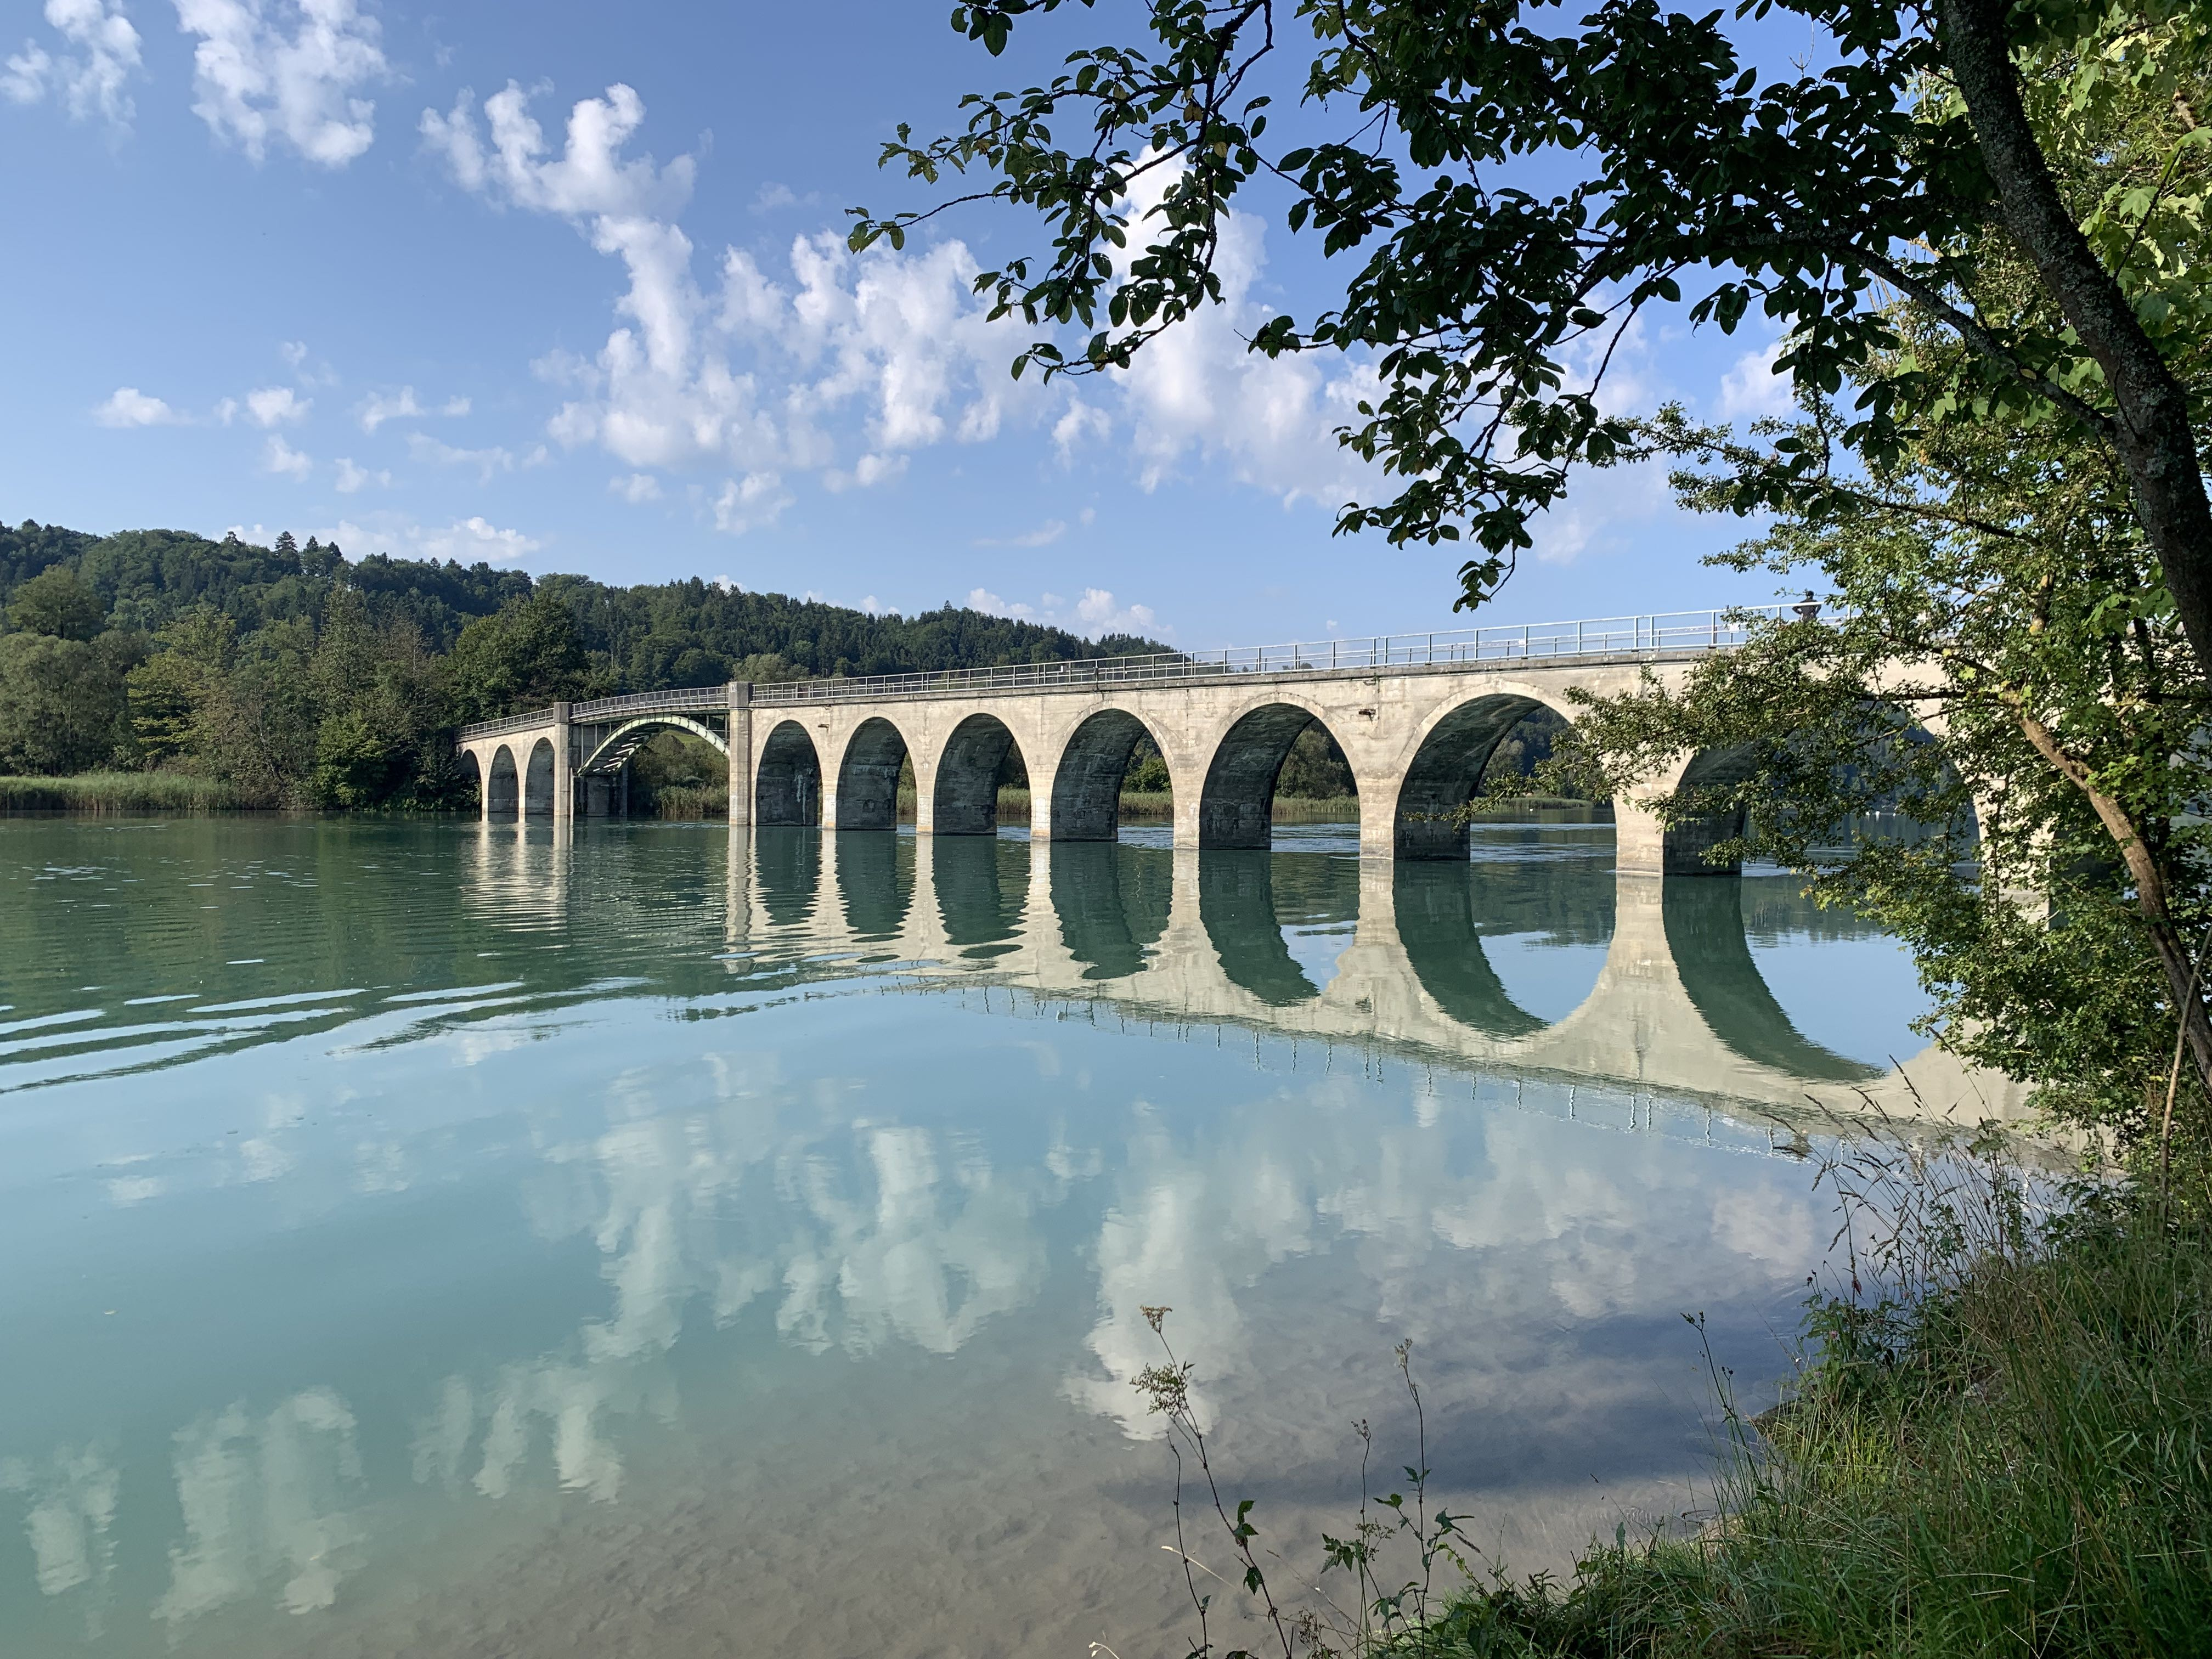 O rio Aare, com sua cor surreal, fazendo as vezes de espelho.